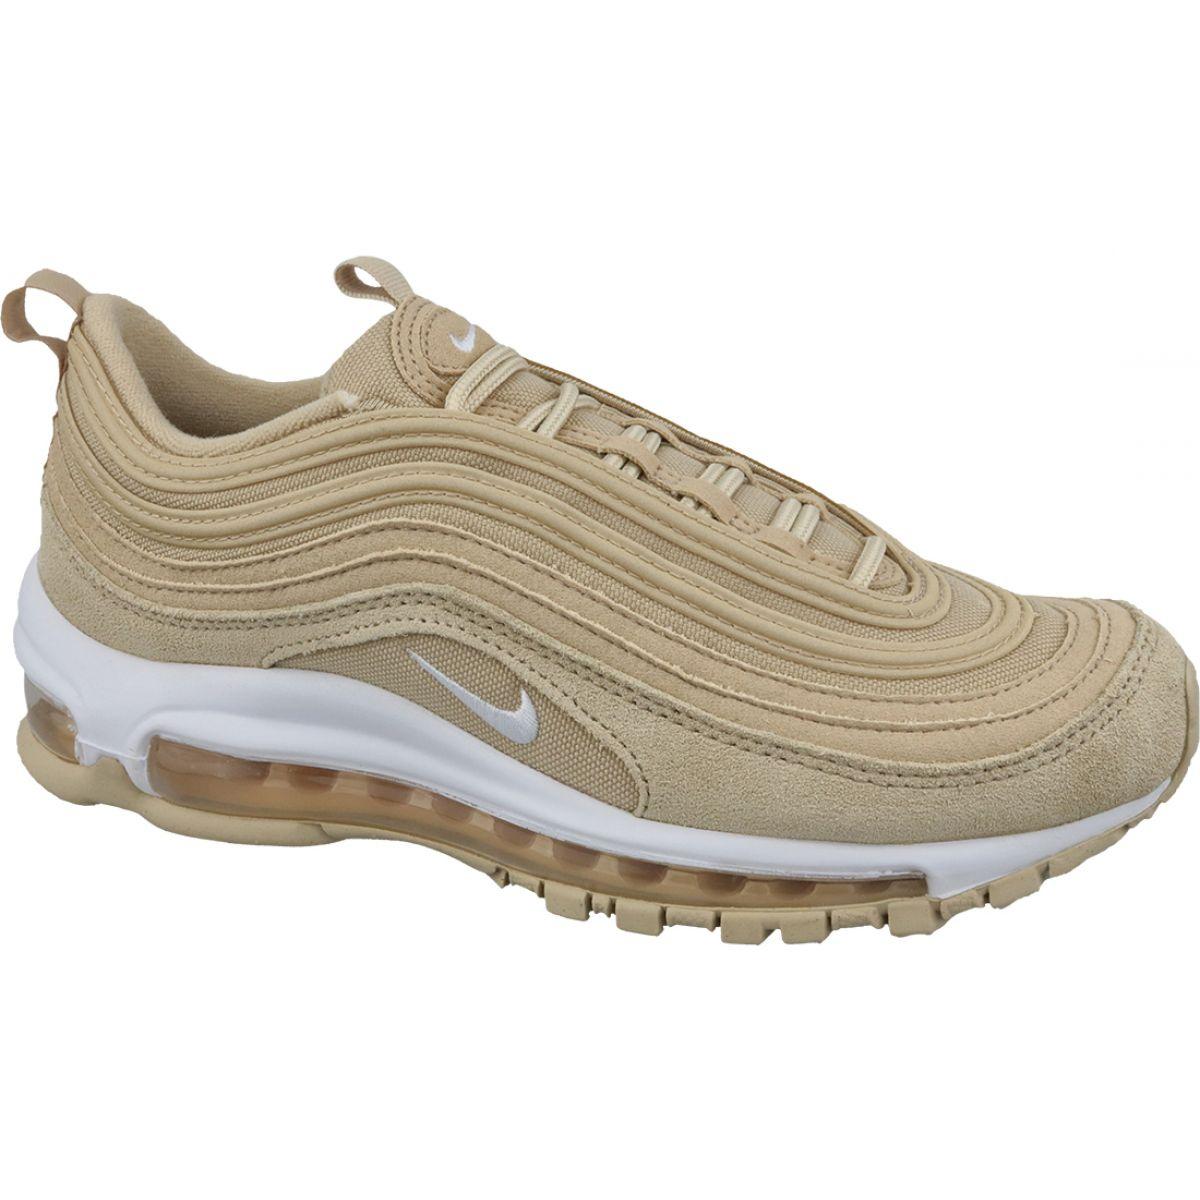 heißer verkauf Schuhe Nike Air Max 97 Pe Gs W BQ7231 200